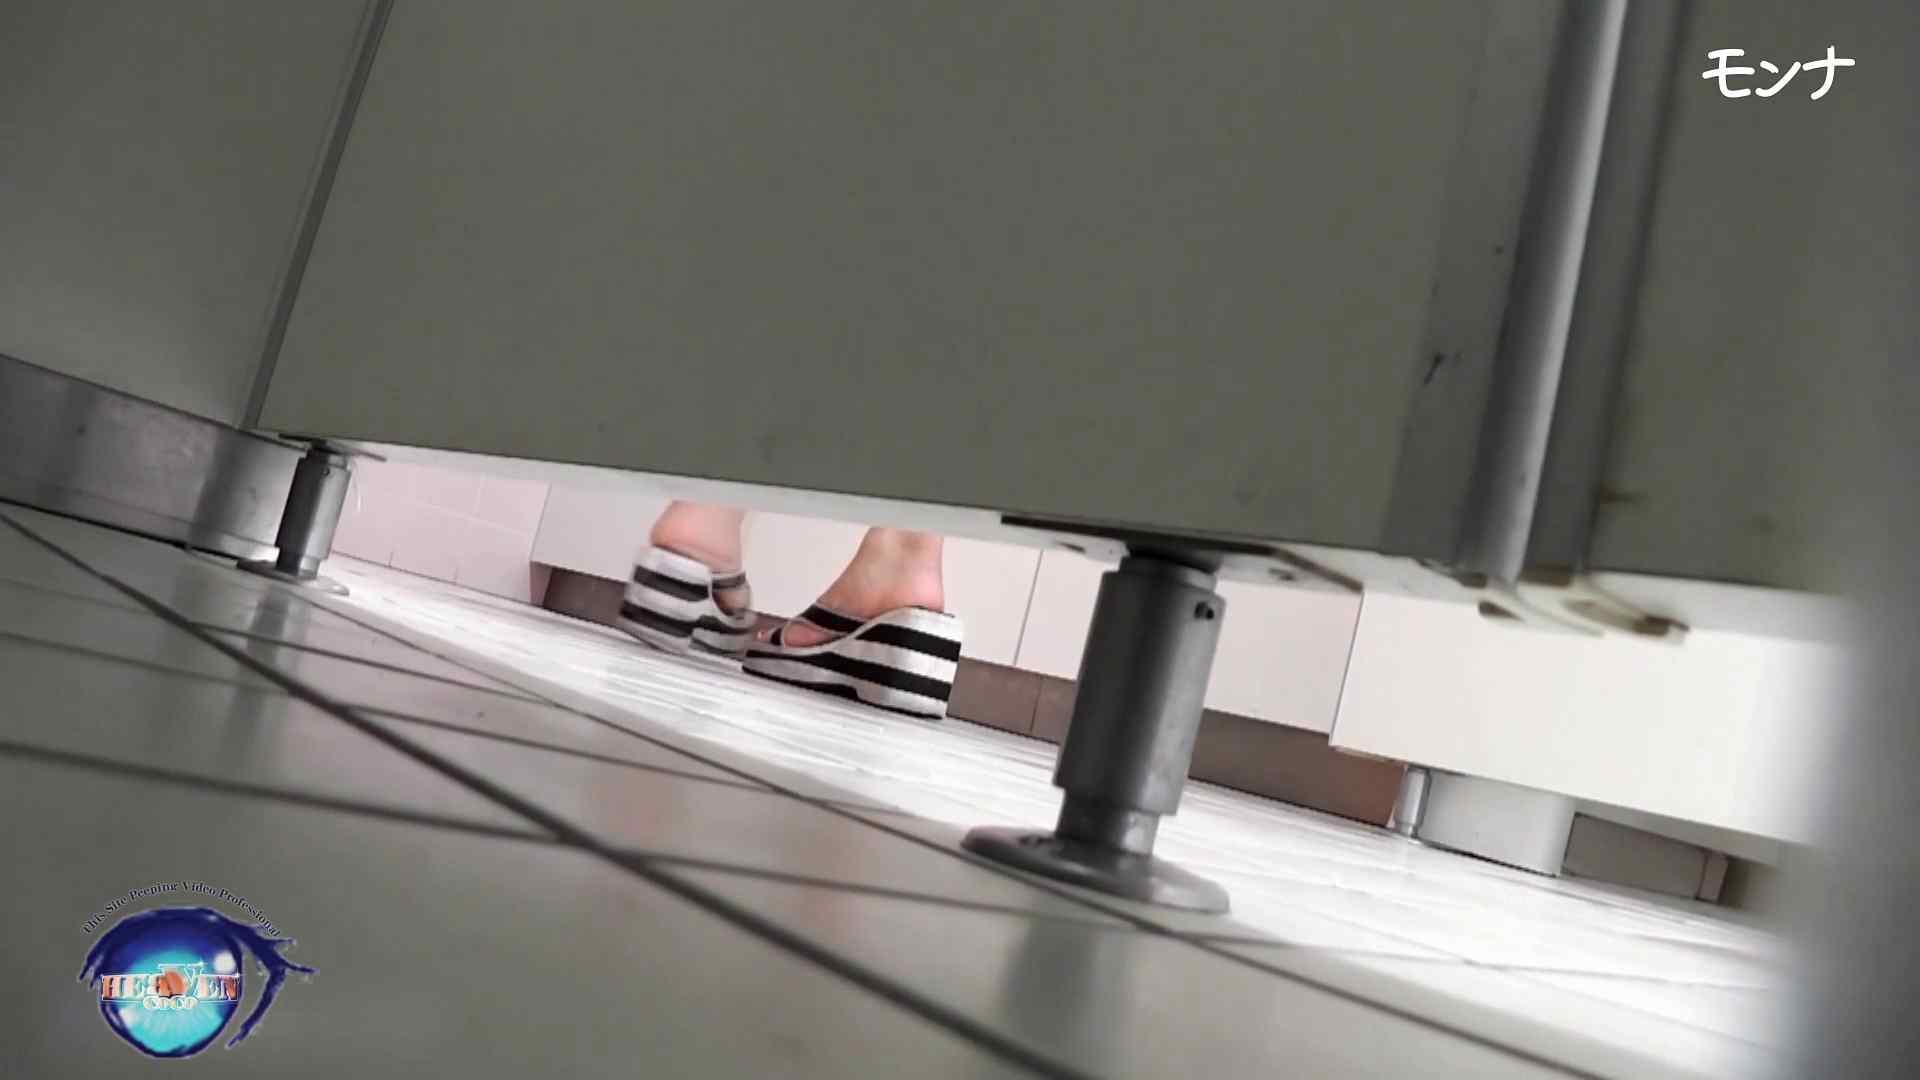 【美しい日本の未来】美しい日本の未来 No.75 たまらないくびれ 2 生え茂る 盗撮師作品  70pic 10